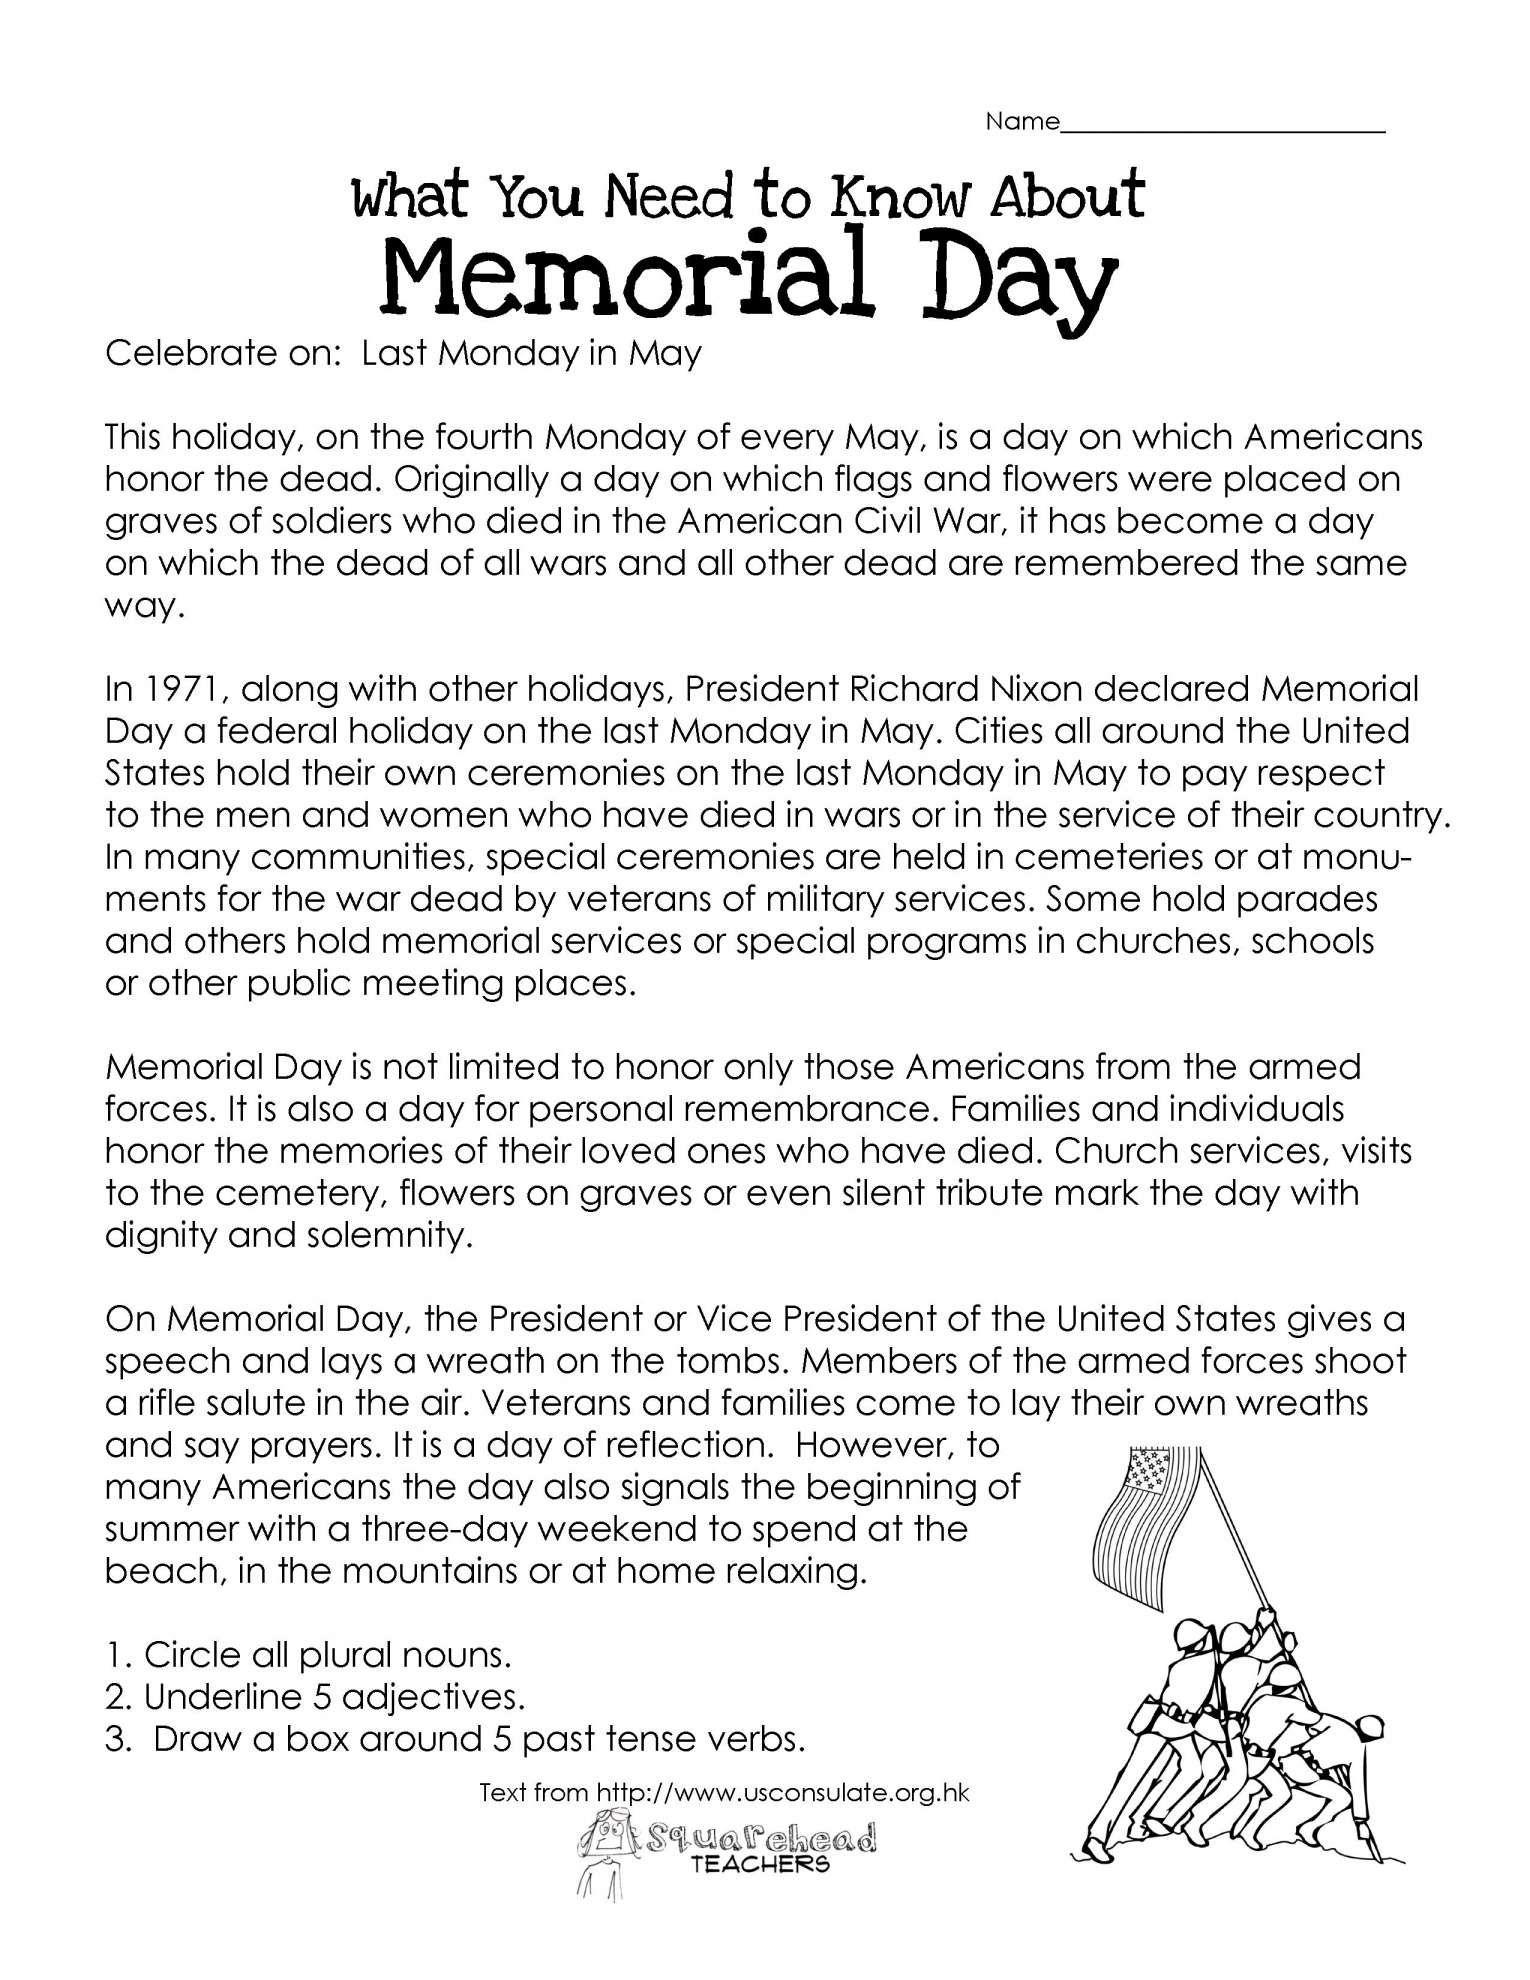 15 Memorial Day Worksheets 5th Grade Memorialdayworksheets5thgrade In 2020